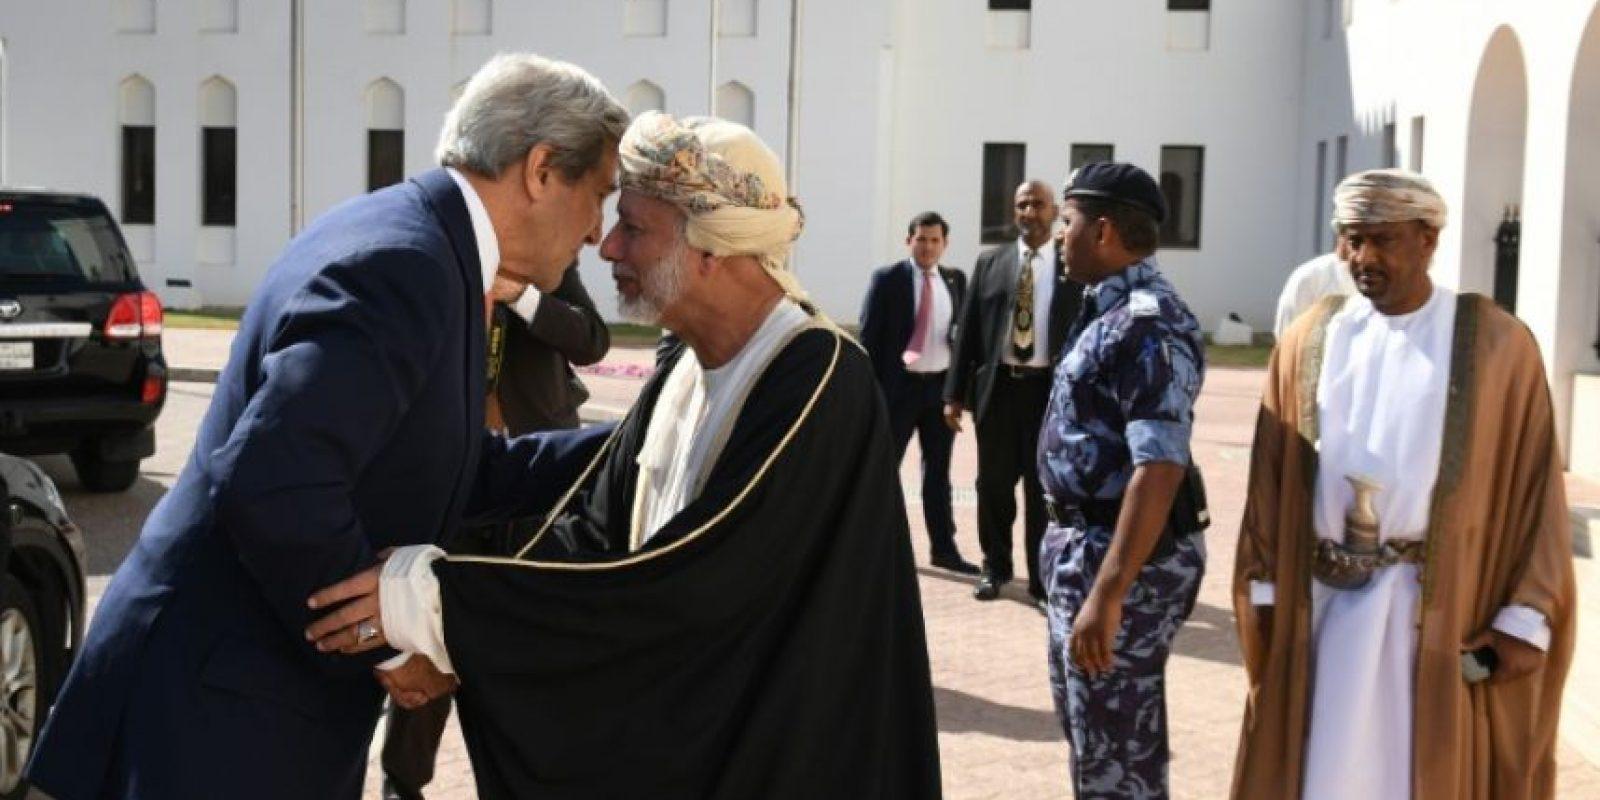 Secretario de Estado de Estados Unidos, John Kerry (L), se reúne con el Ministro de Relaciones Exteriores de Omán, Yusef Ben Alaui, en Muscat, Omán, el 14 de noviembre de 2016. Foto:Mark RALSTON/afp.com